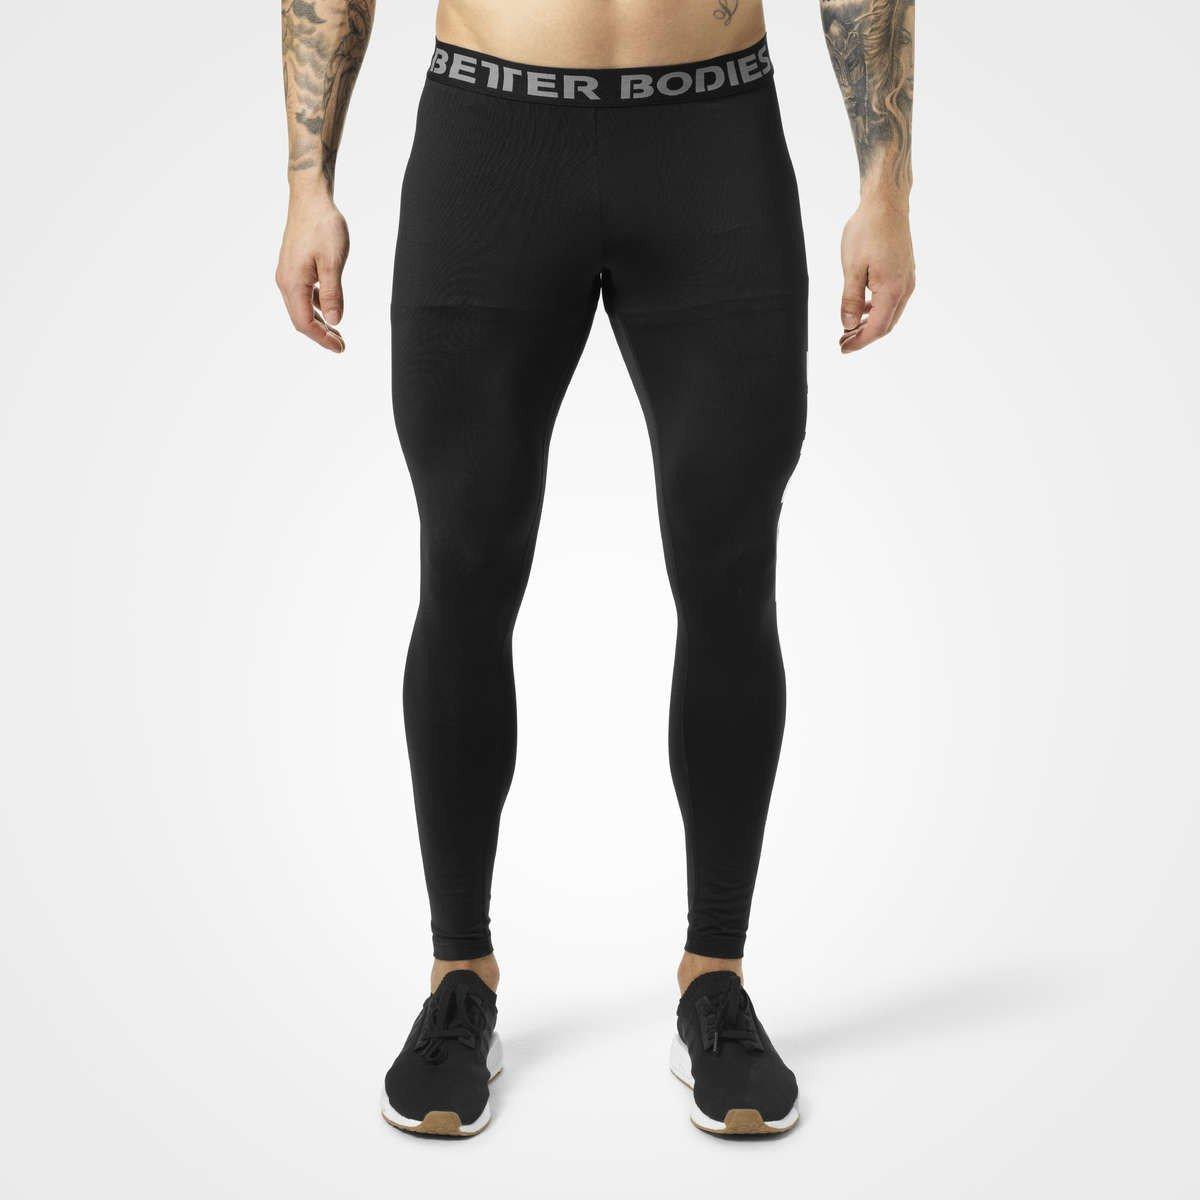 tavata laaja valikoima tyylikkäät kengät Better Bodies Men's Logo Tights Black - Final Sale